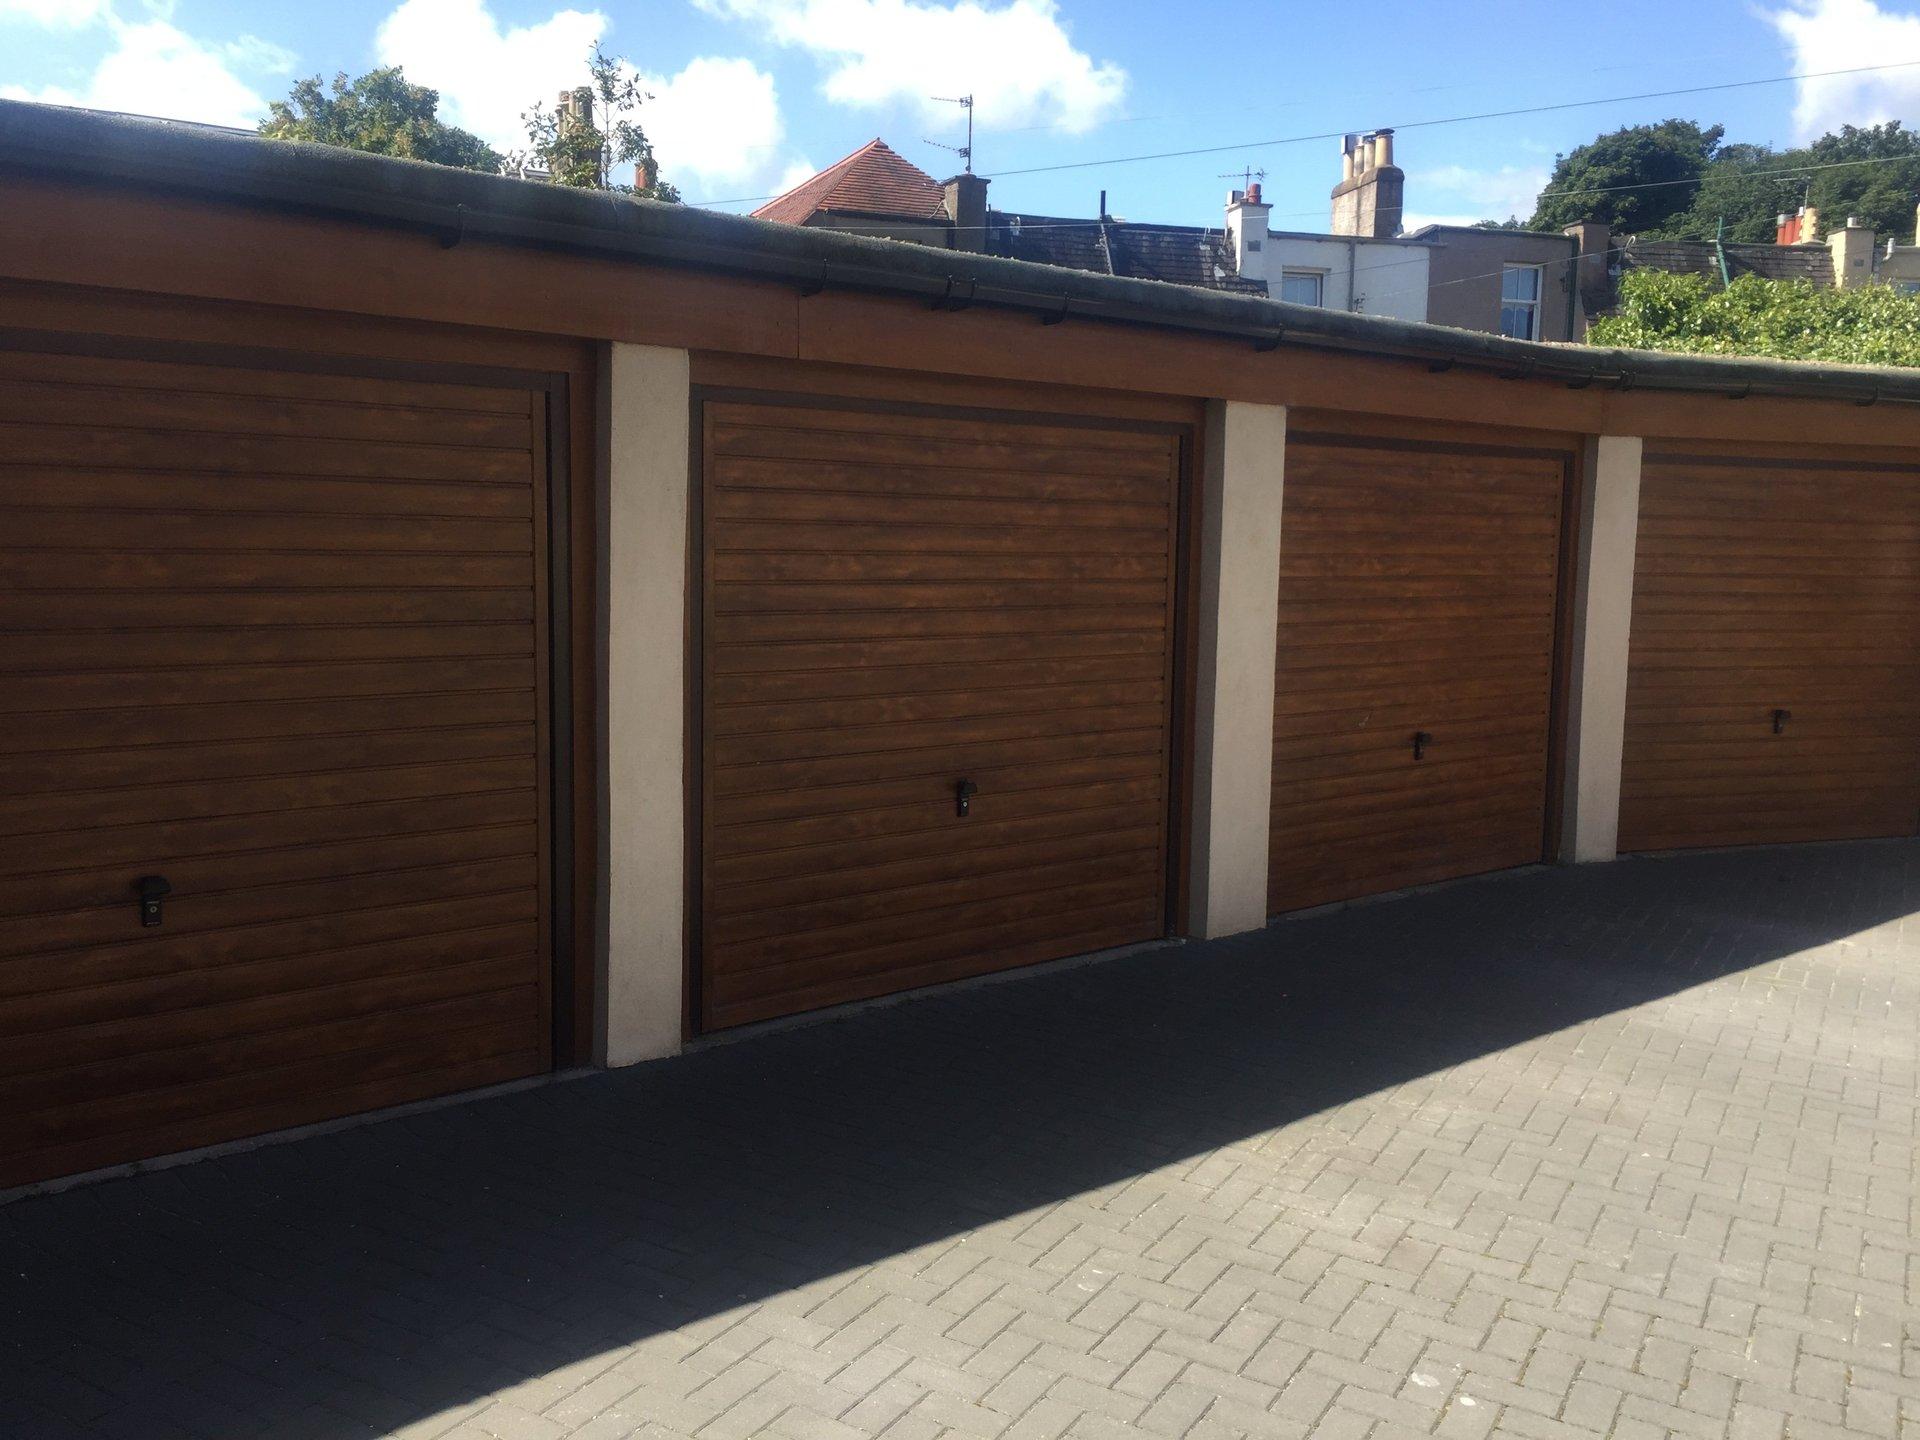 4 shutters in row